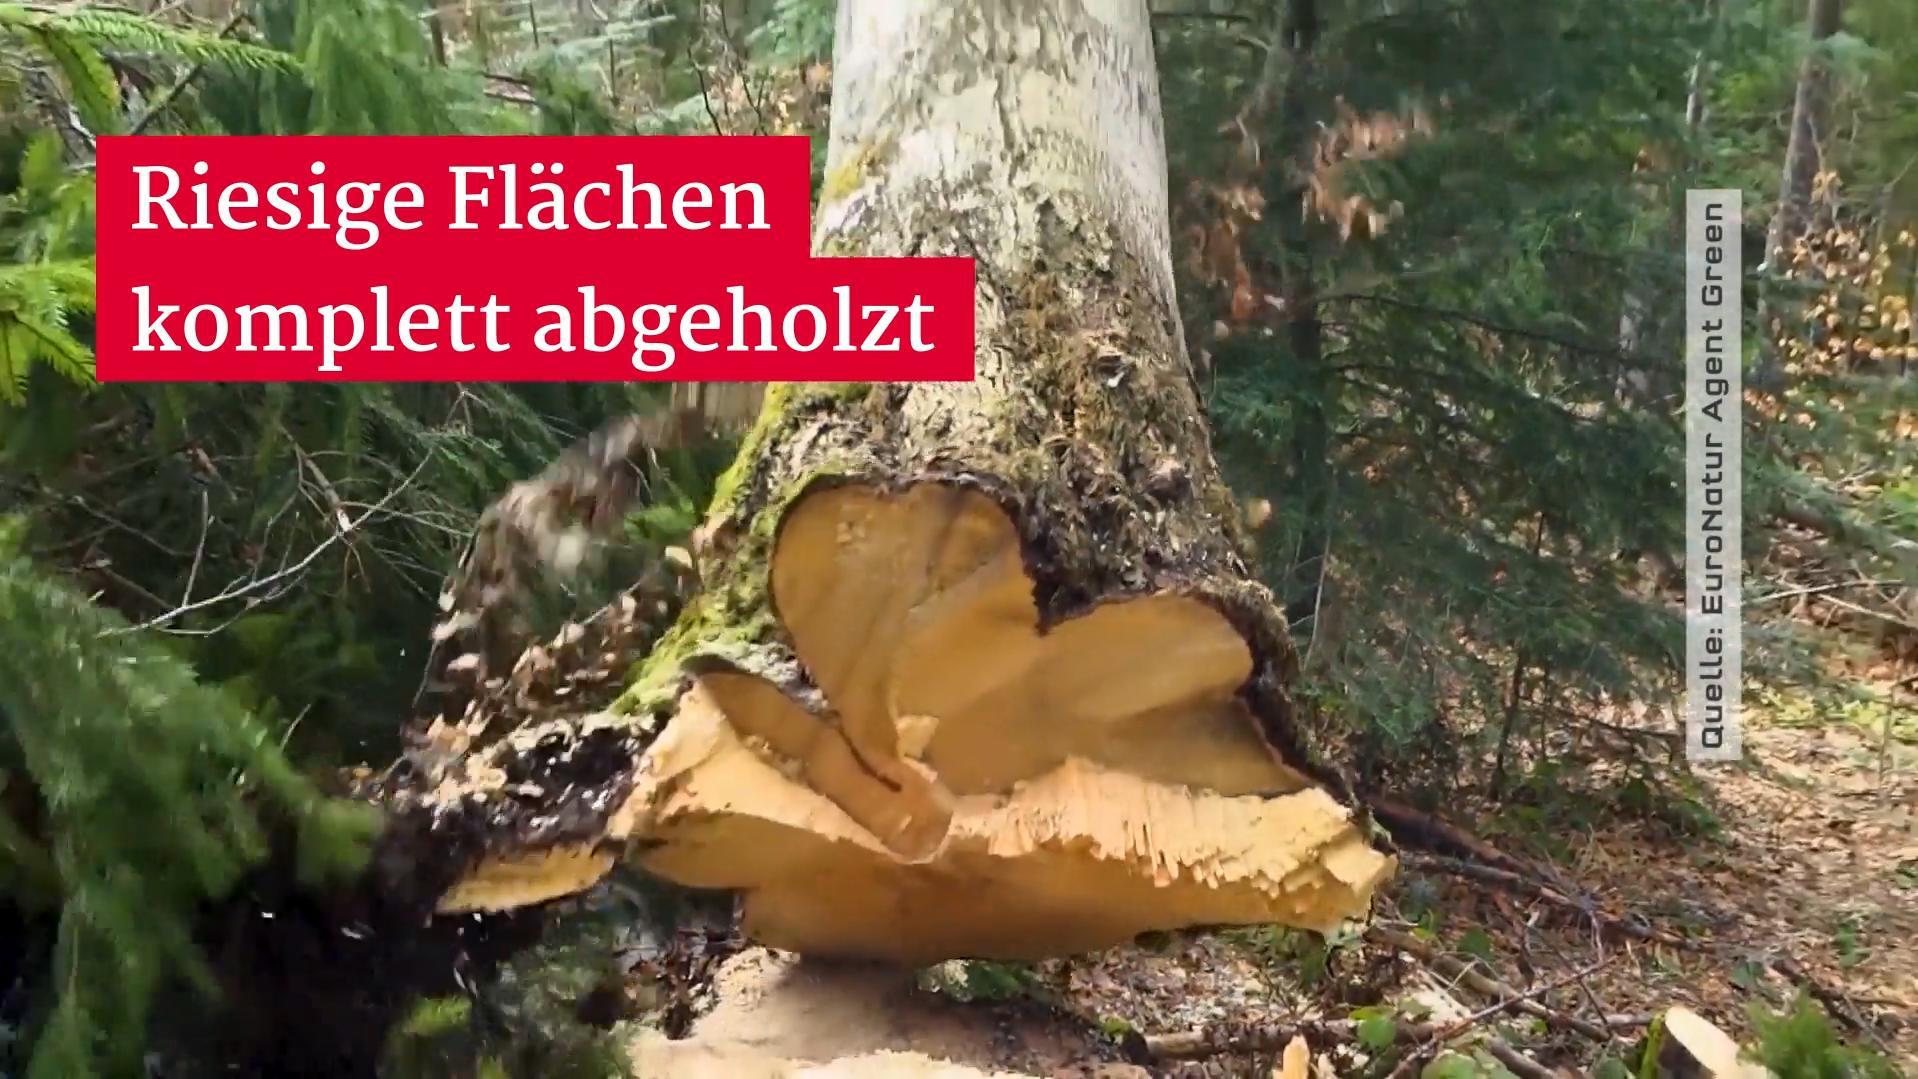 Rumänische Holzmafia zerstört die letzten Urwälder Europas